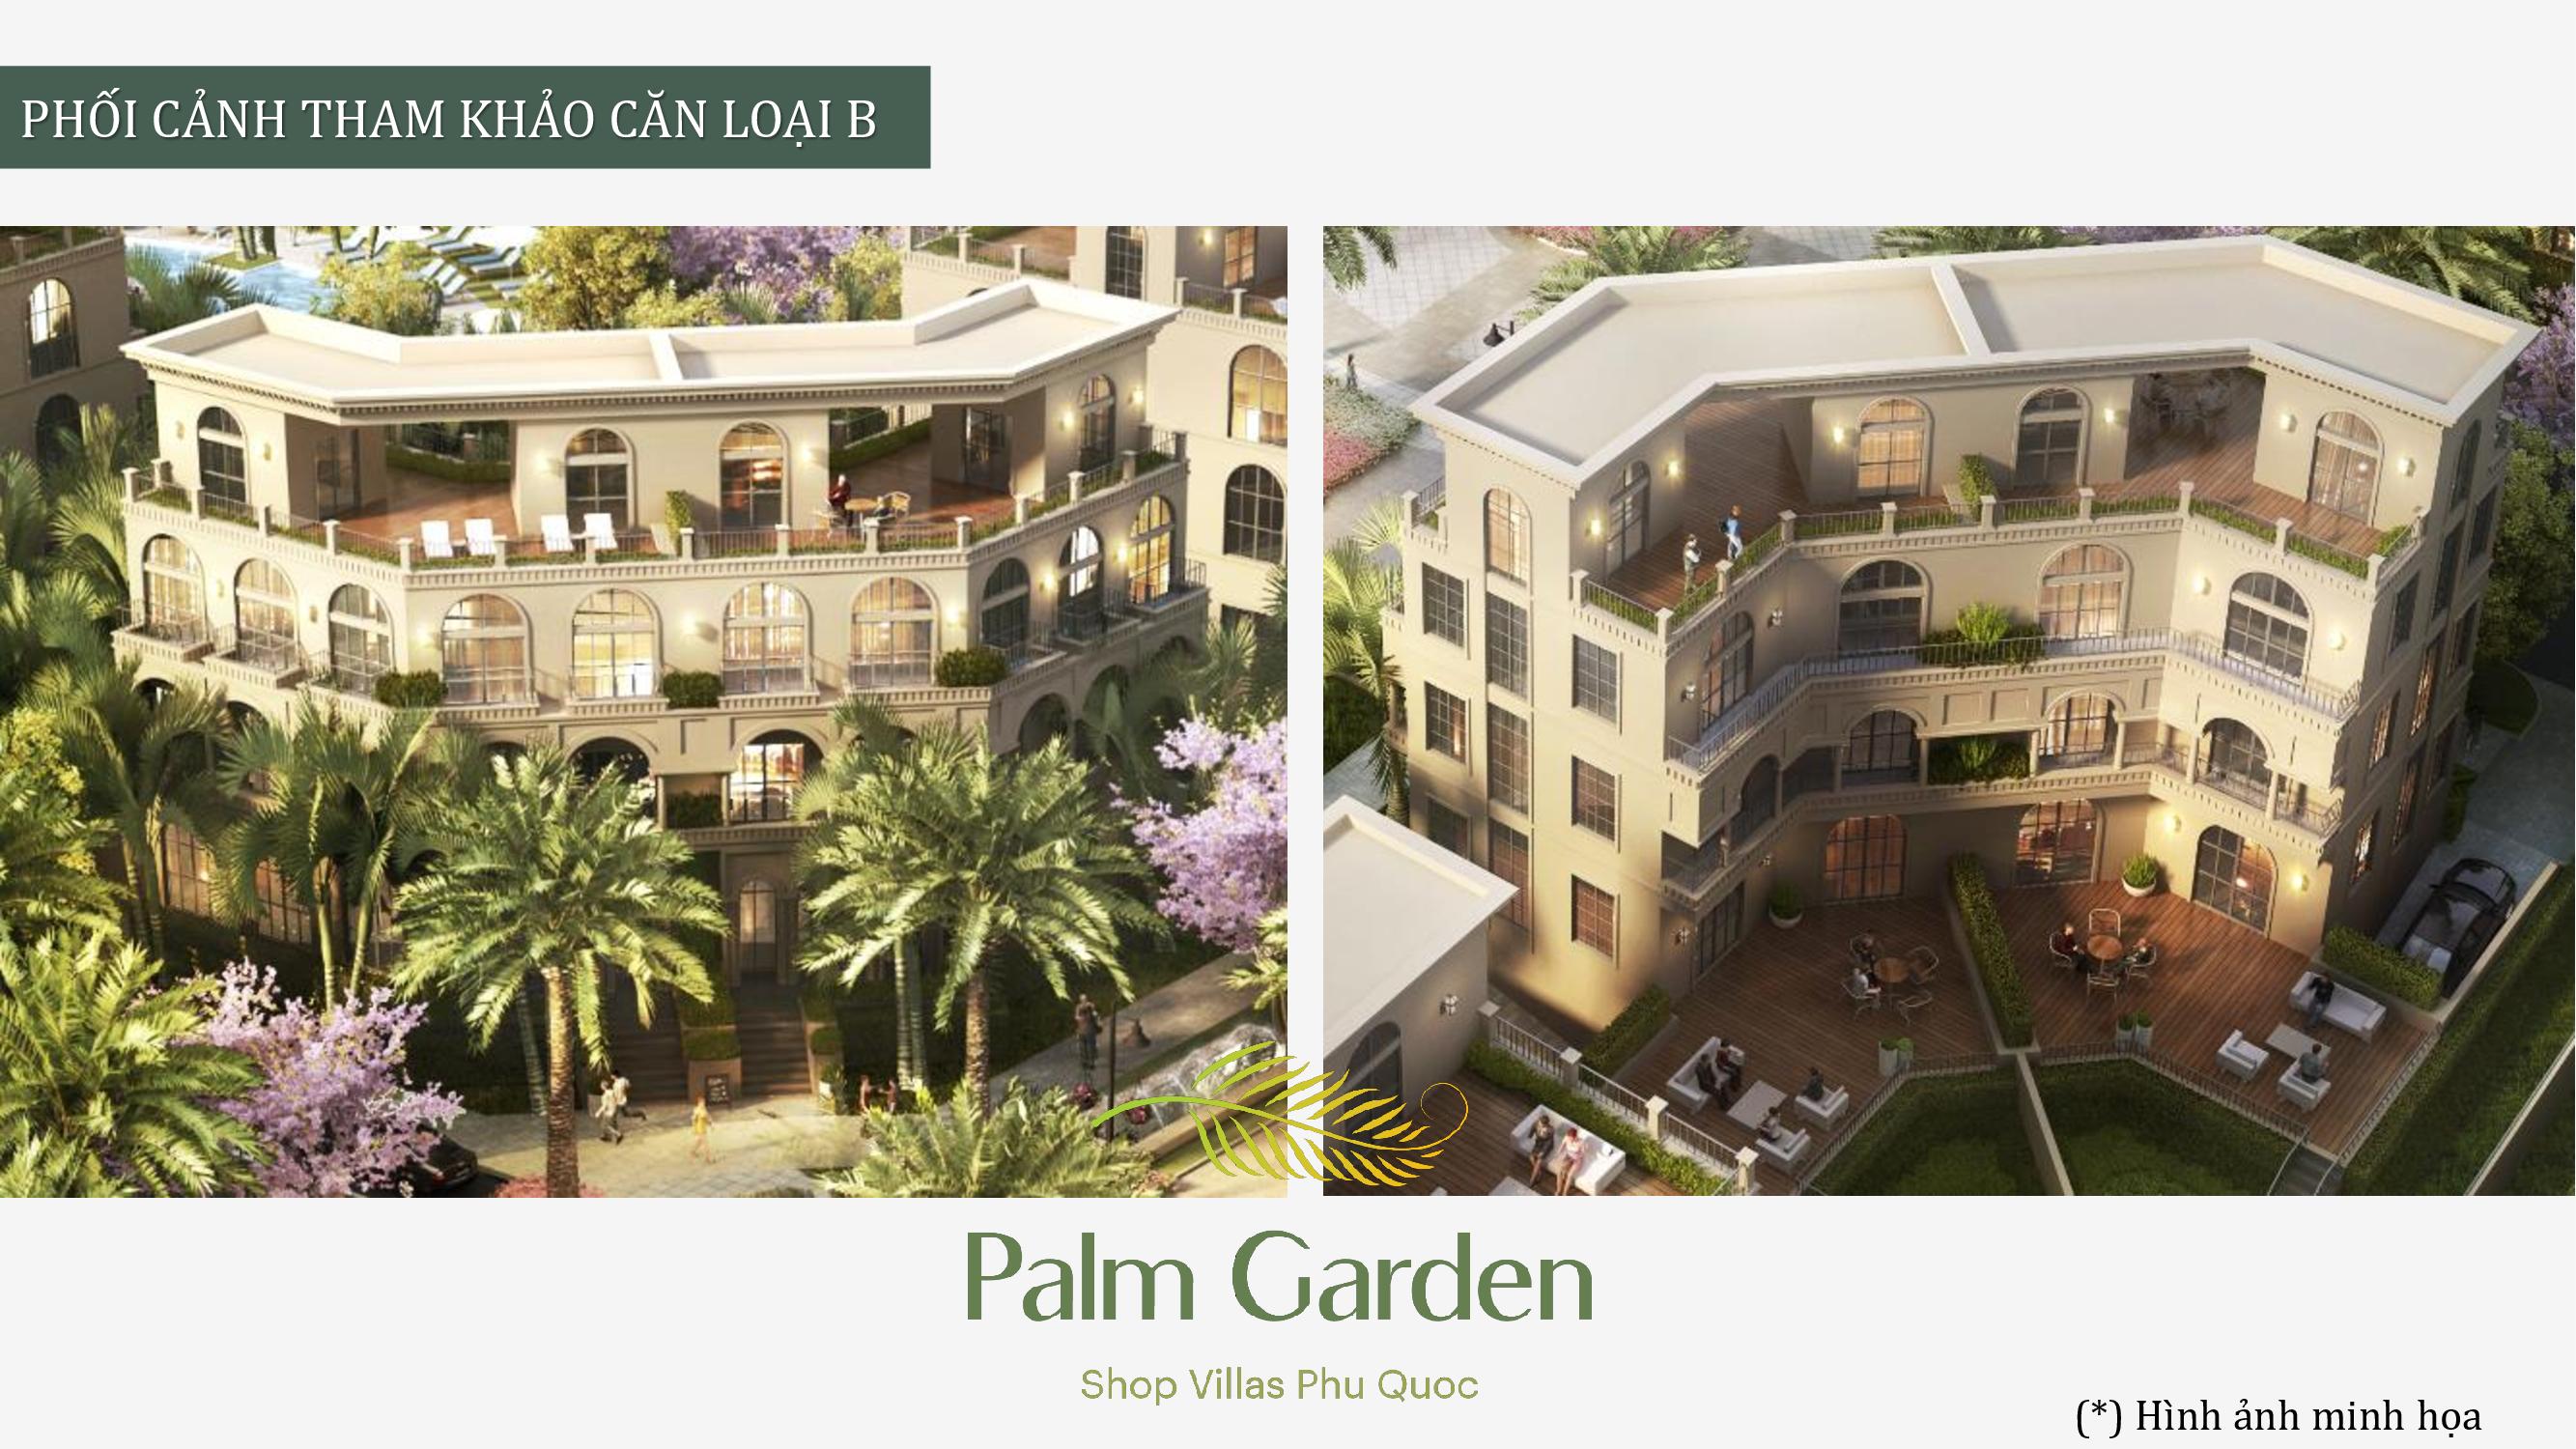 palm garden shop villas phú quốc PALM GARDEN SHOP VILLAS PHU QUOC 409f53774366e6de6651bf01534873b5 21